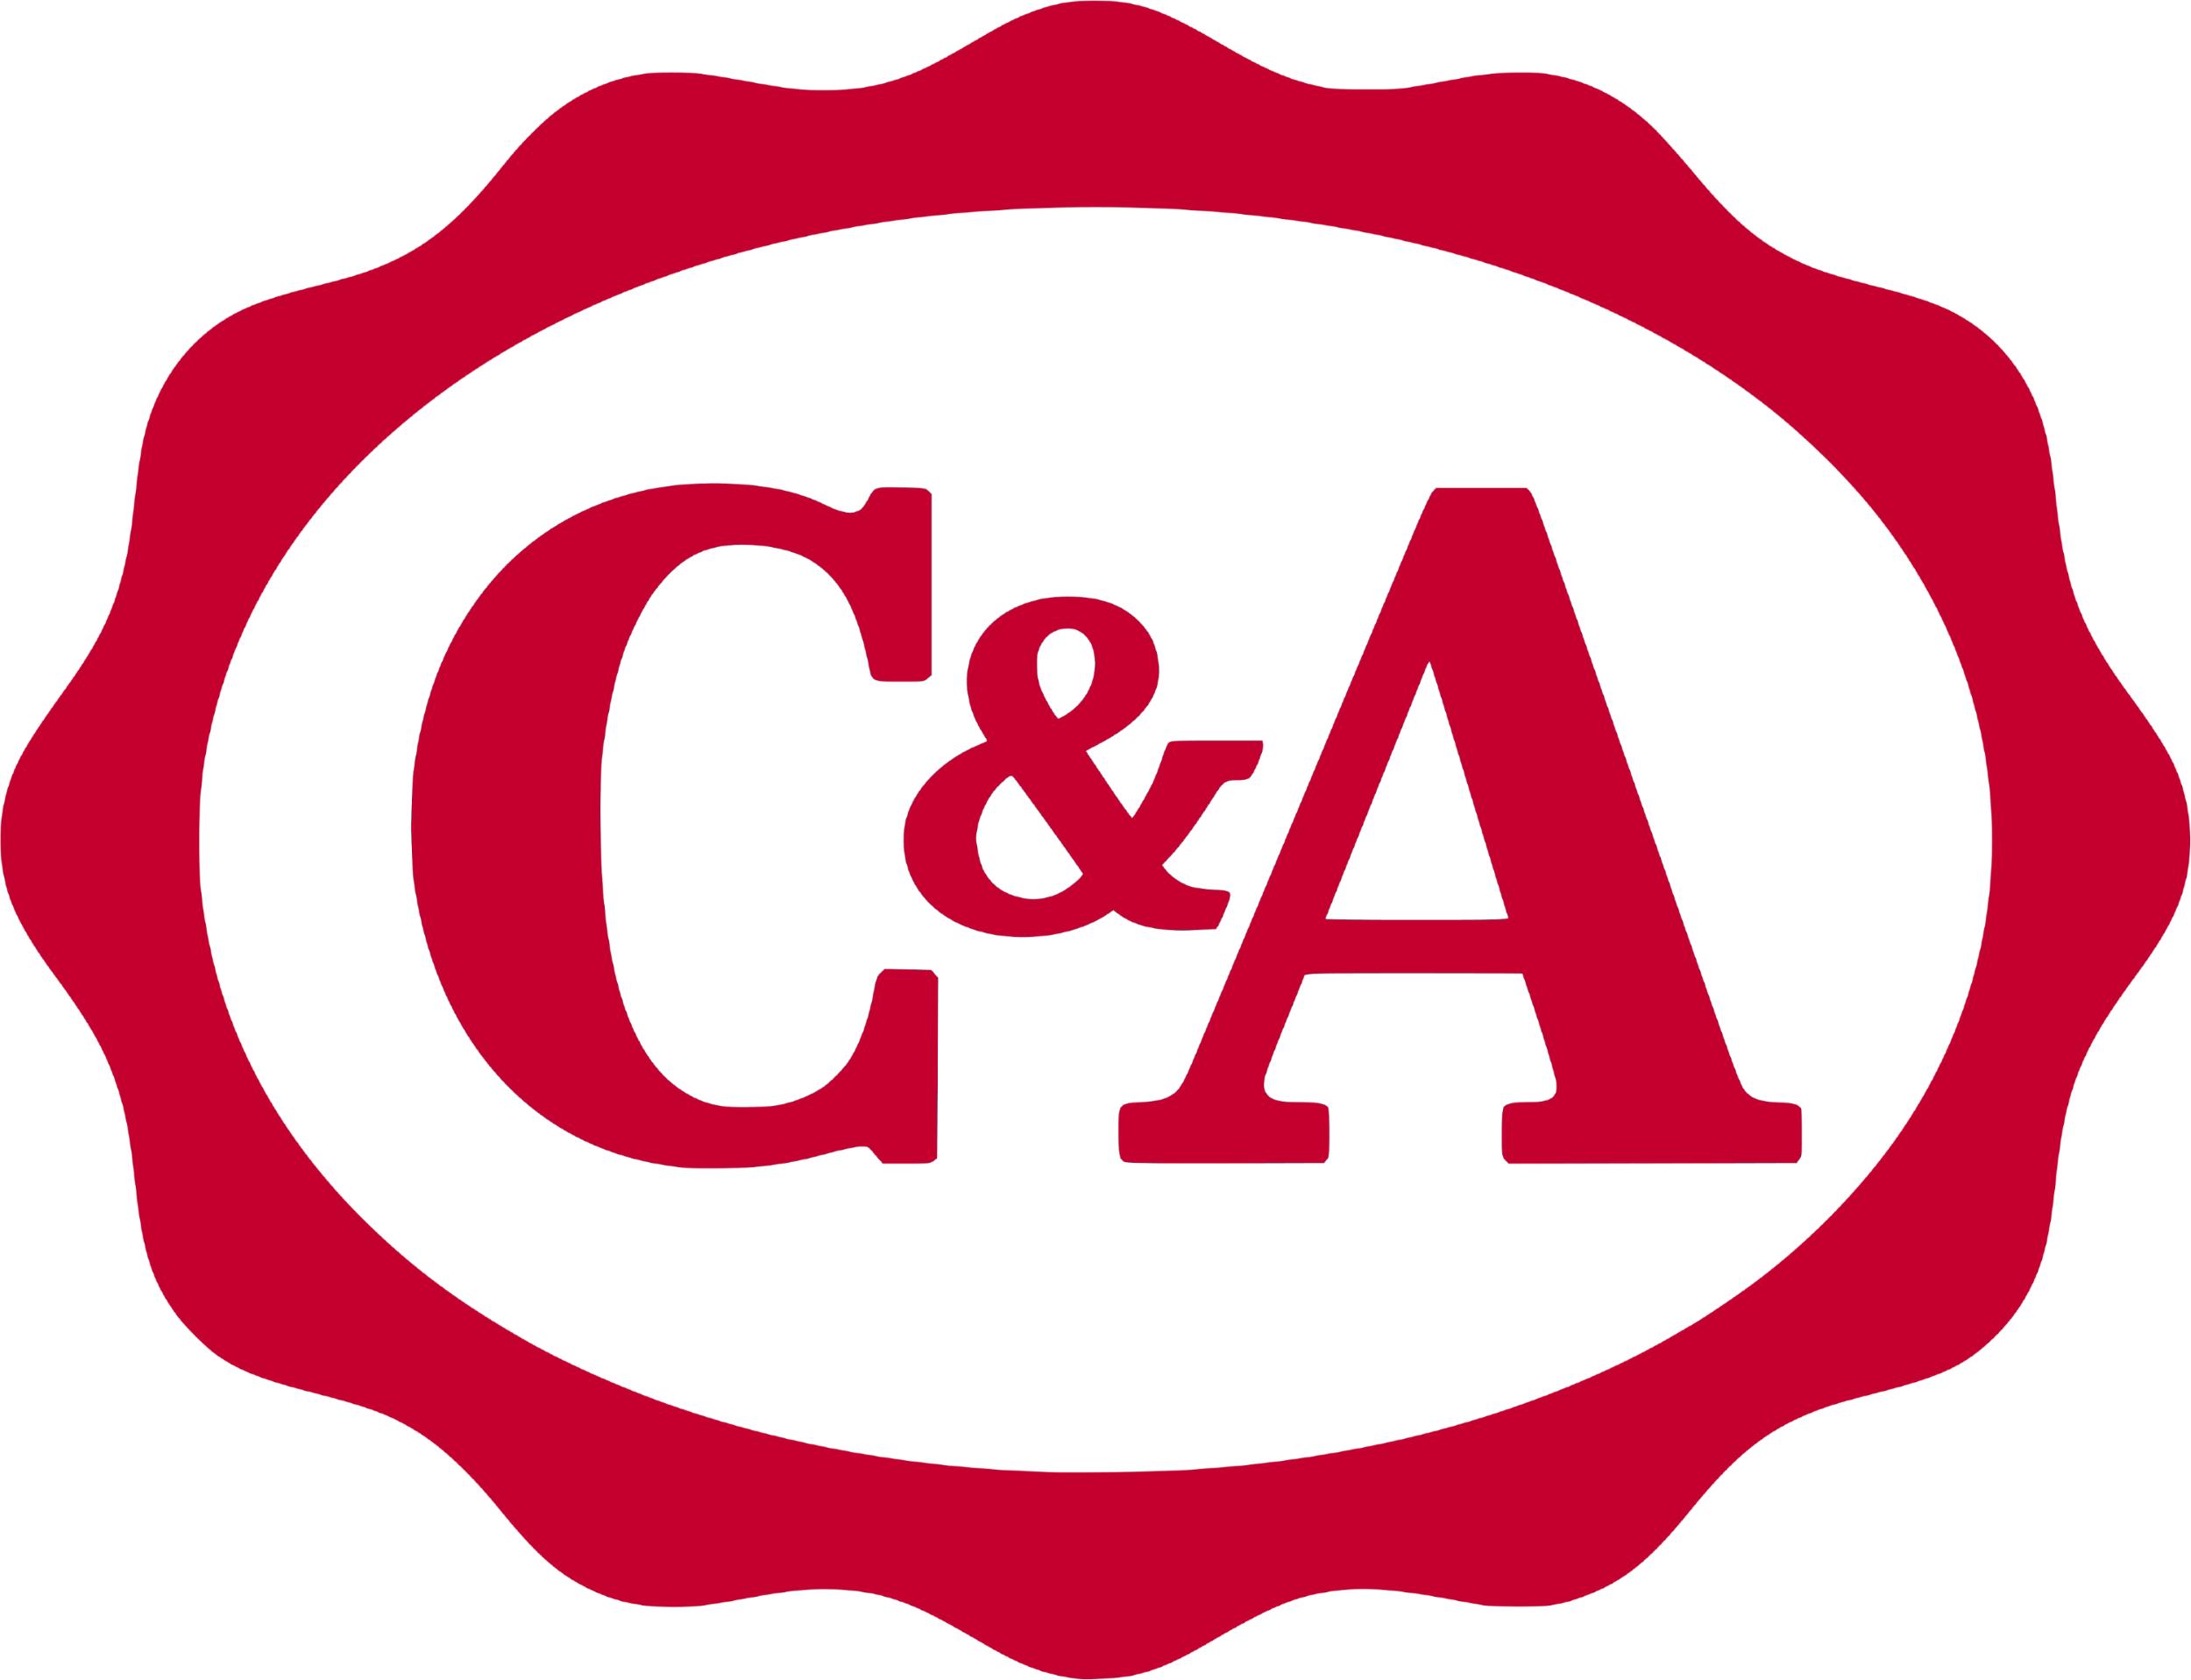 C&A bis zu 36% Rabatt durch Gutscheinkombination (Kleidung, Mode, etc)